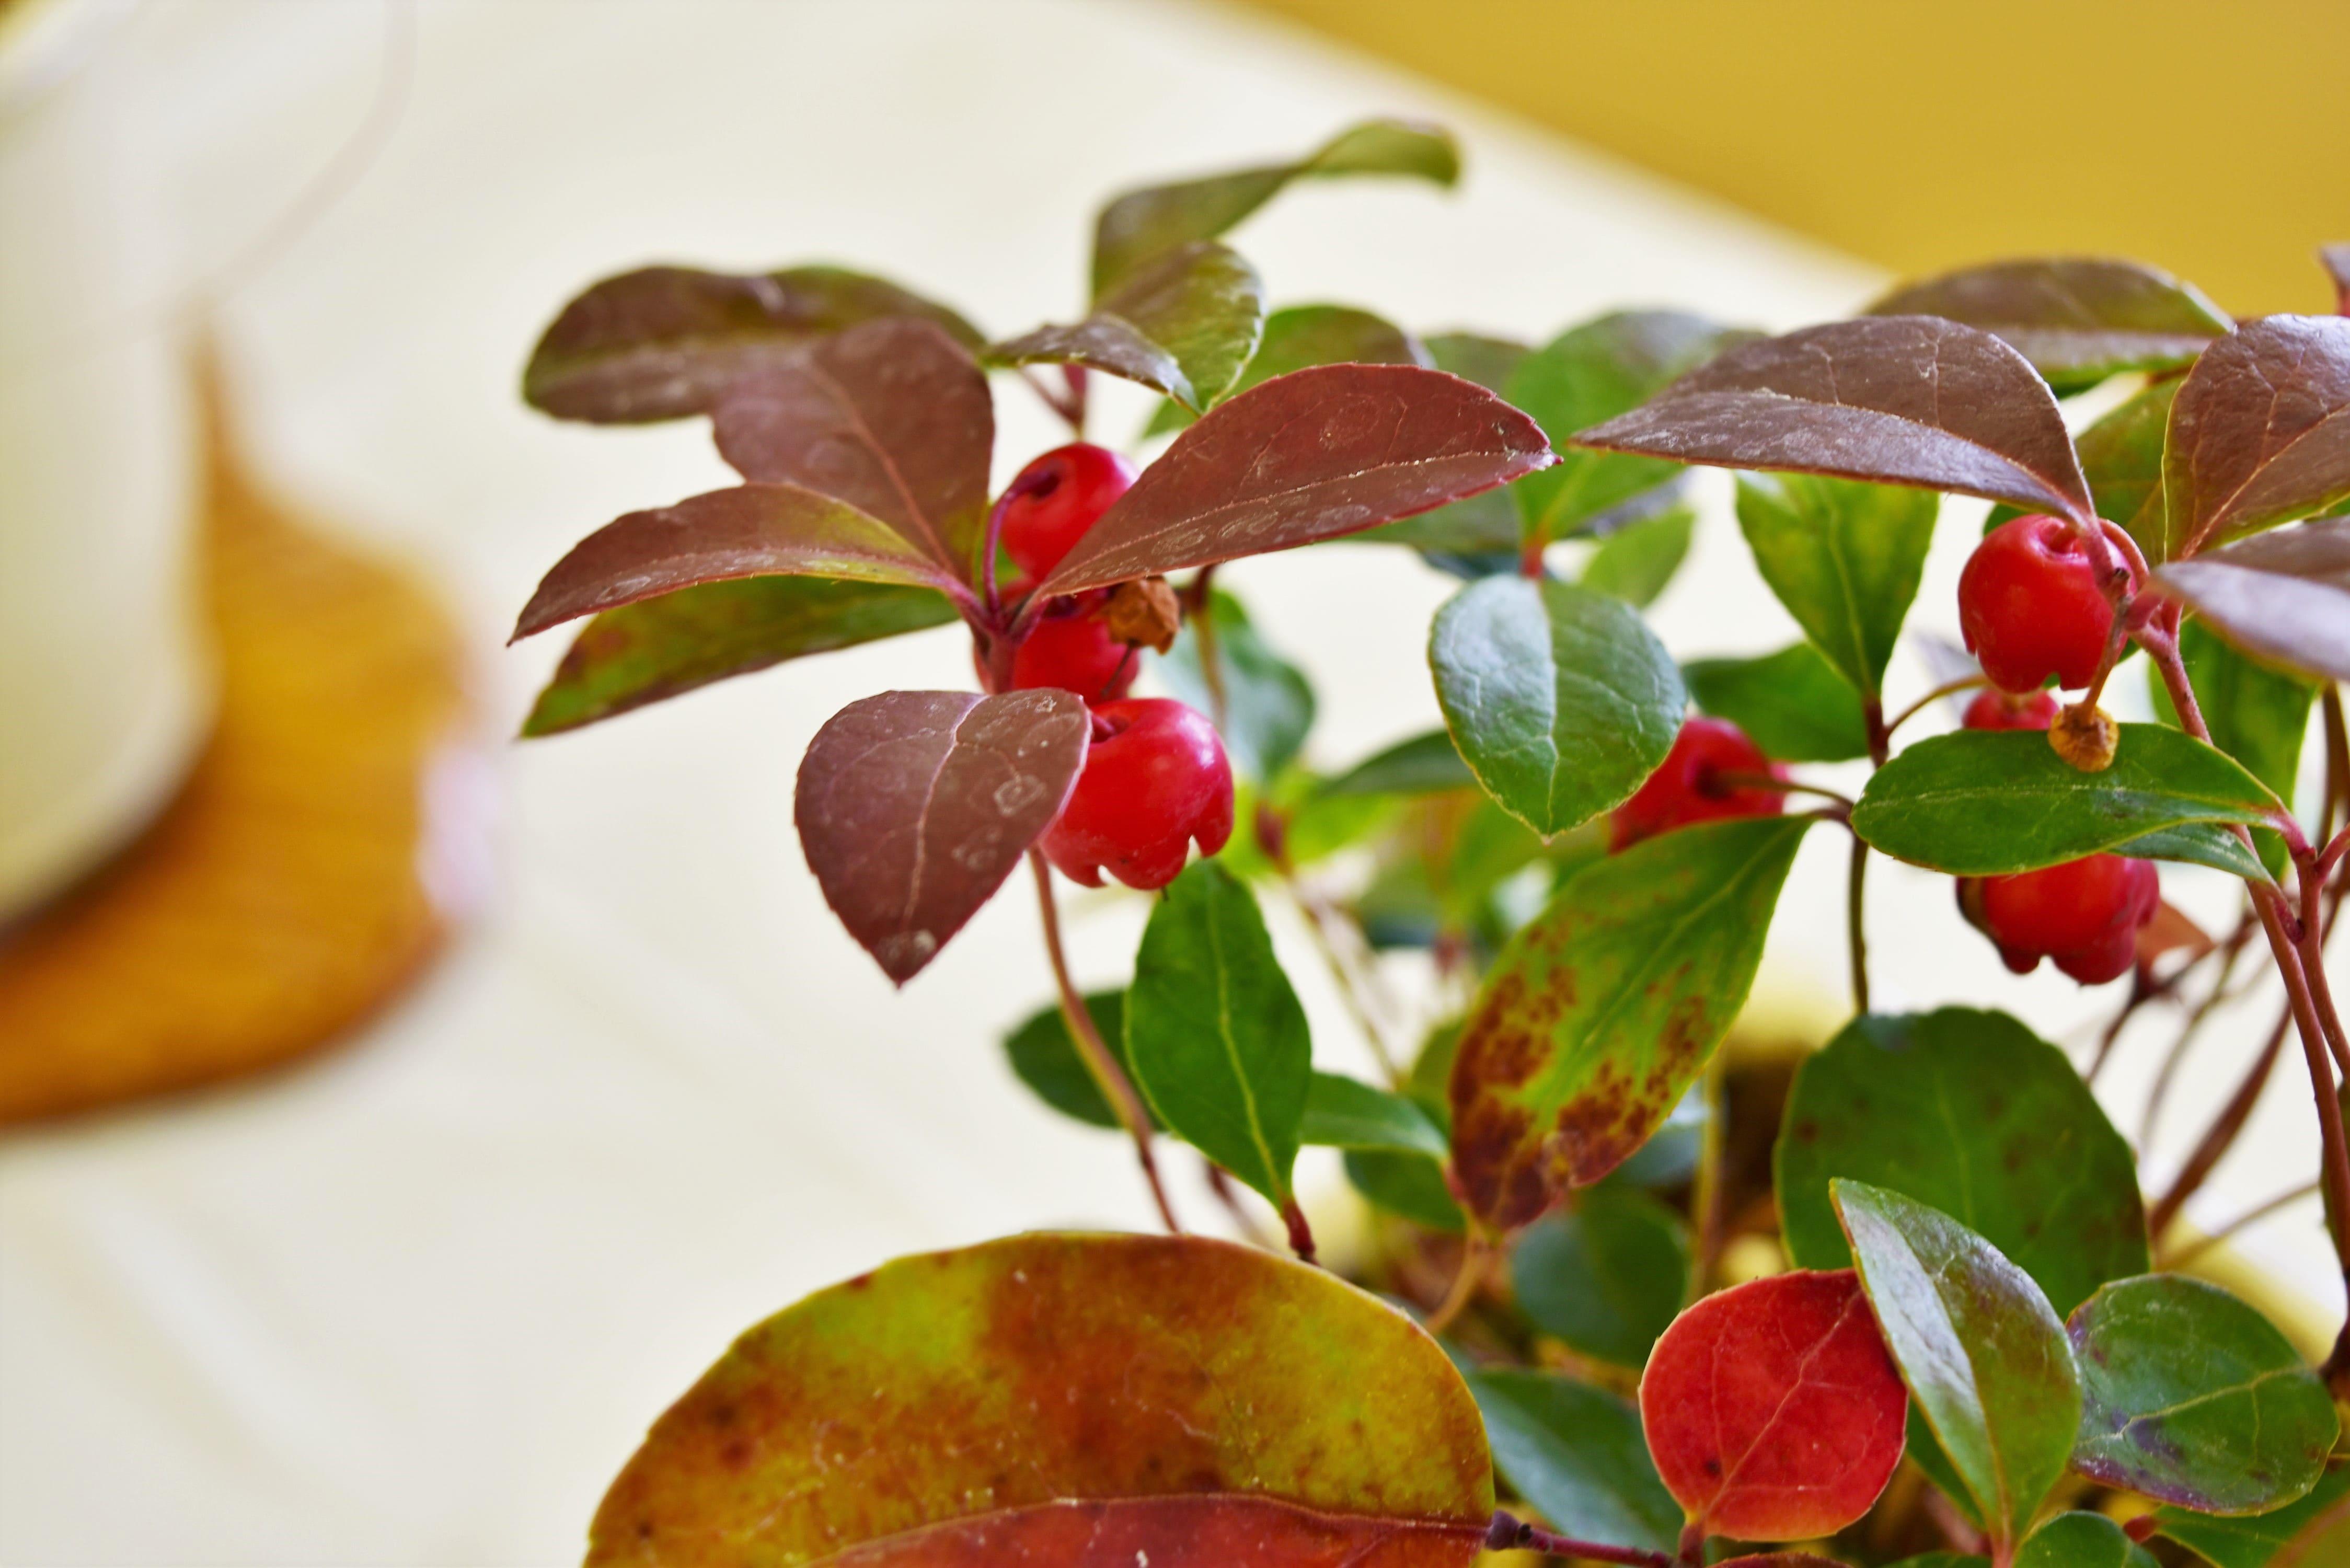 大実 葉が赤い種類